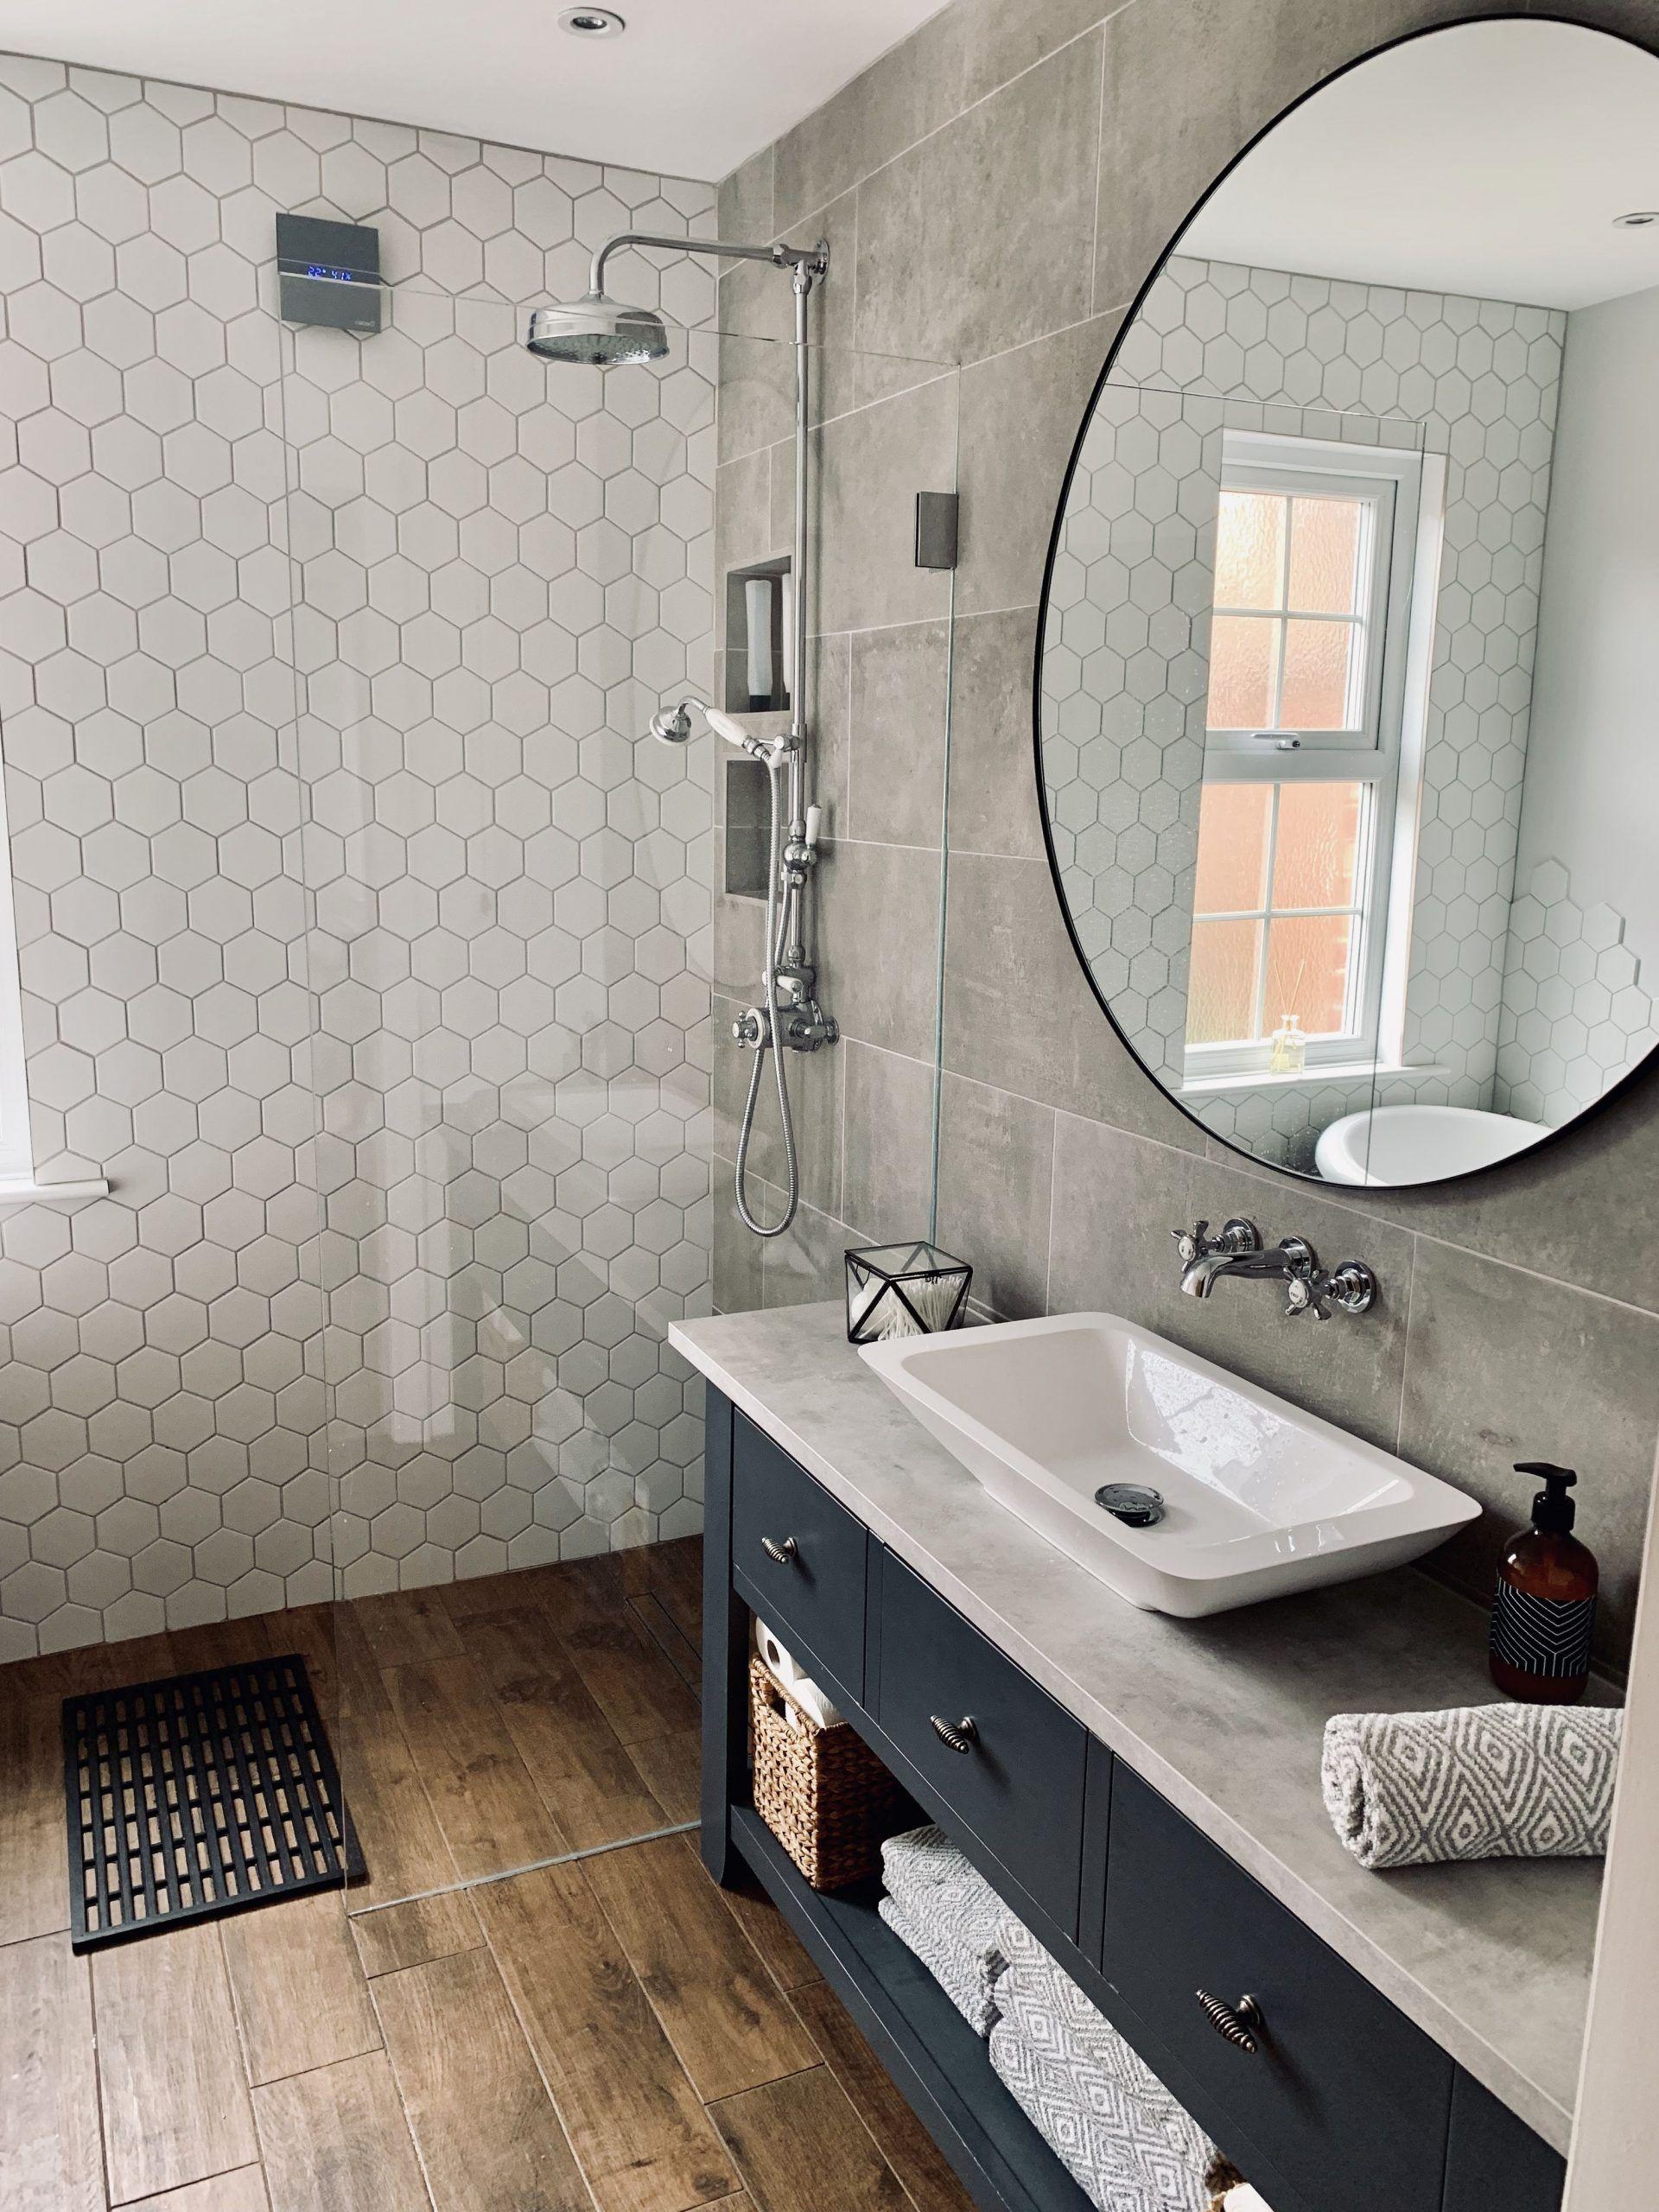 Concrete Grey Tile Wet Room Bathroom Wetrooms Wood Effect Floor Tiles And Hexag Bathroom Concrete E In 2020 Wet Room Shower Wet Room Bathroom Wood Floor Bathroom